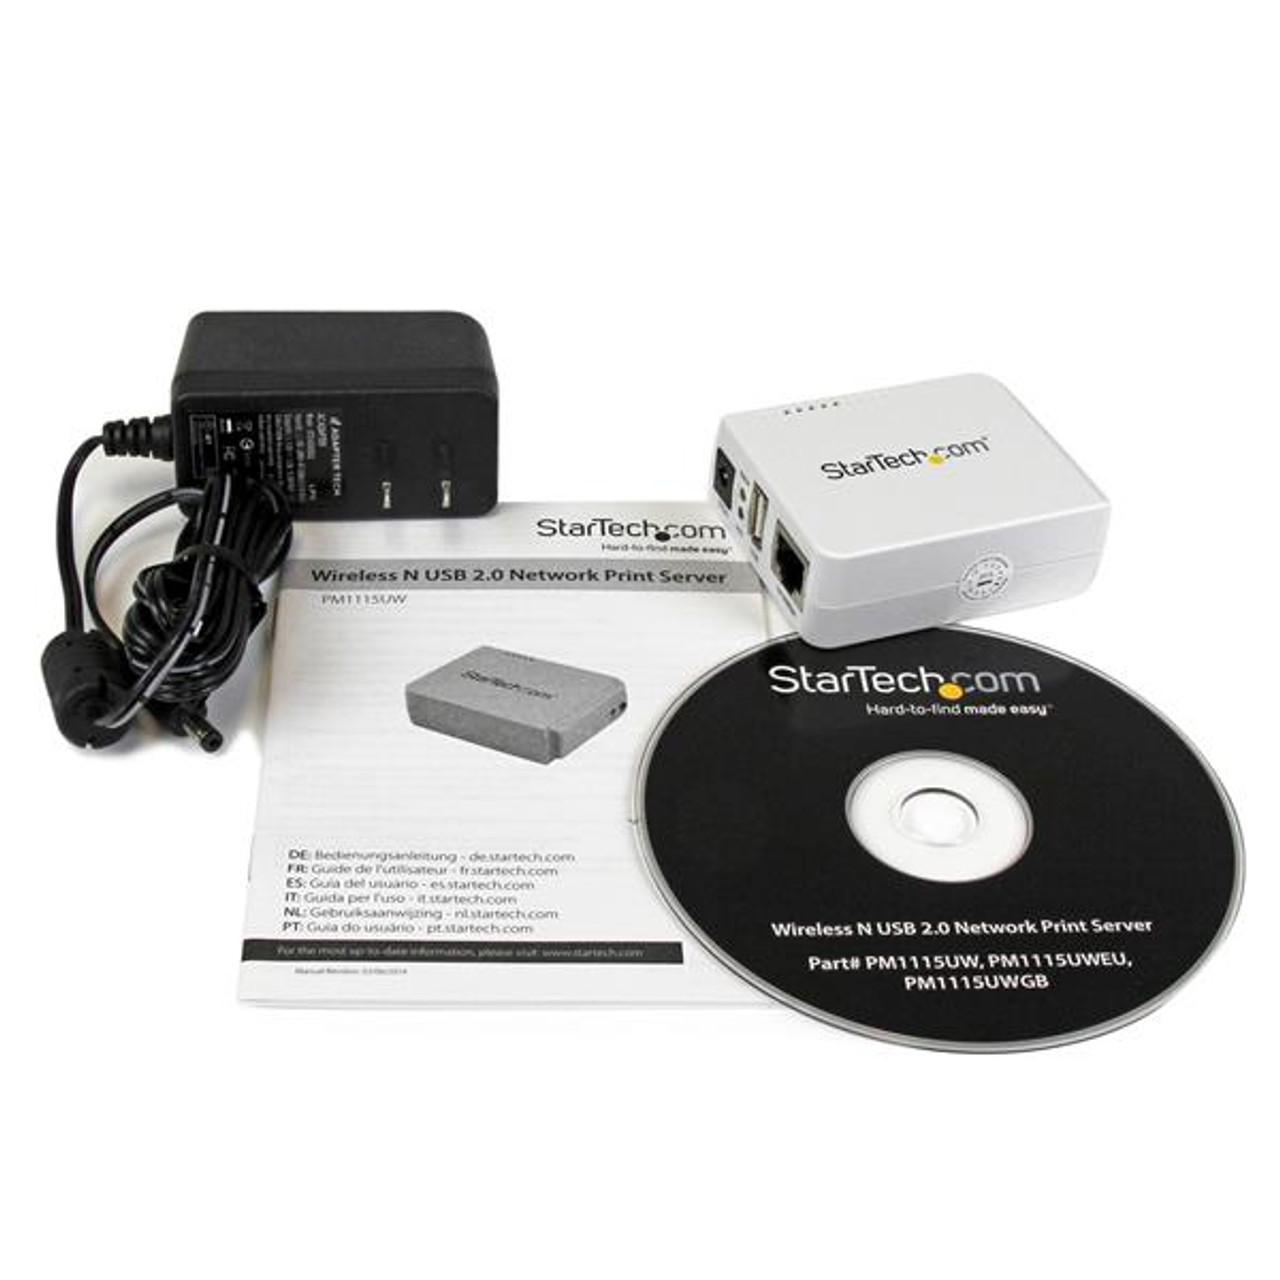 StarTech External wireless print server